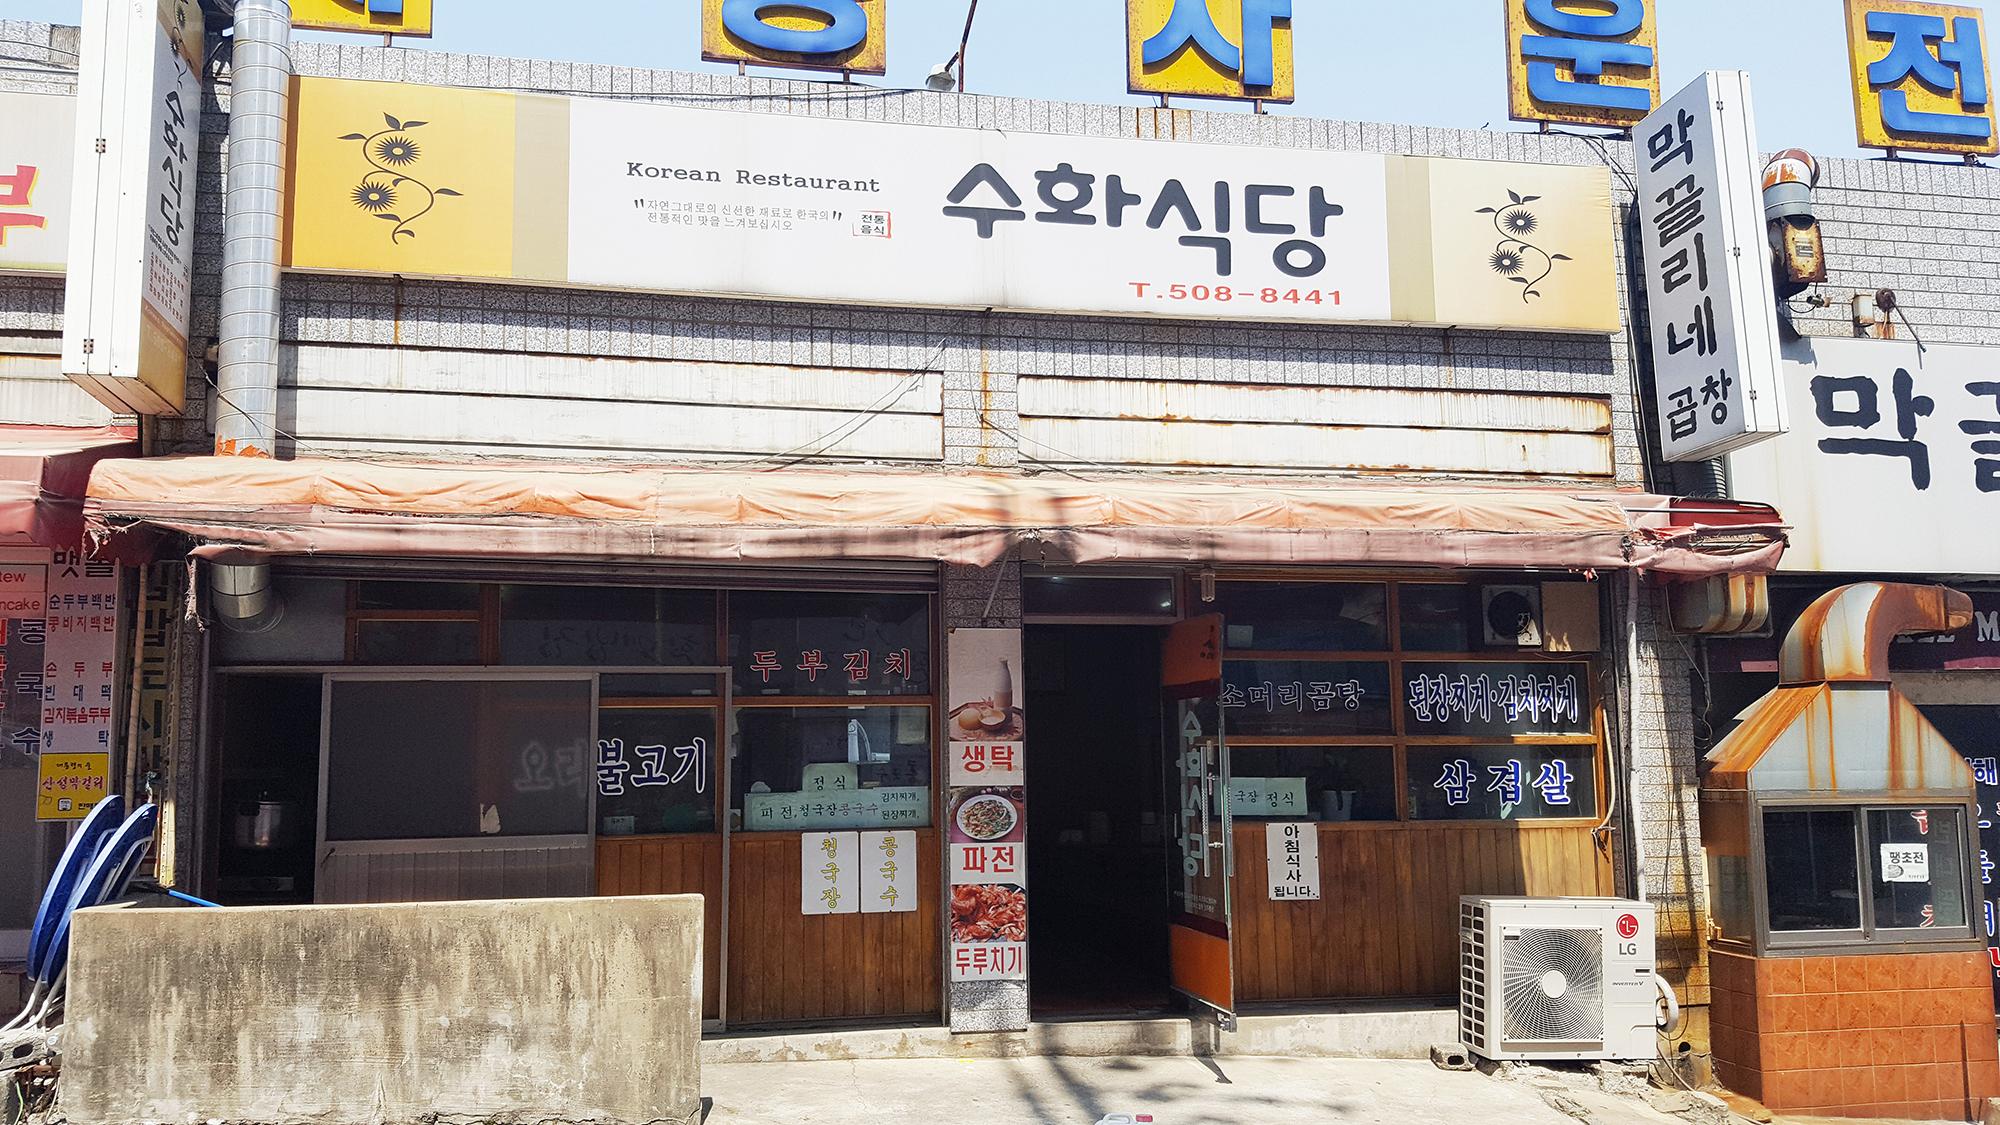 Pajeon restaurant Busan - Autour de Marine